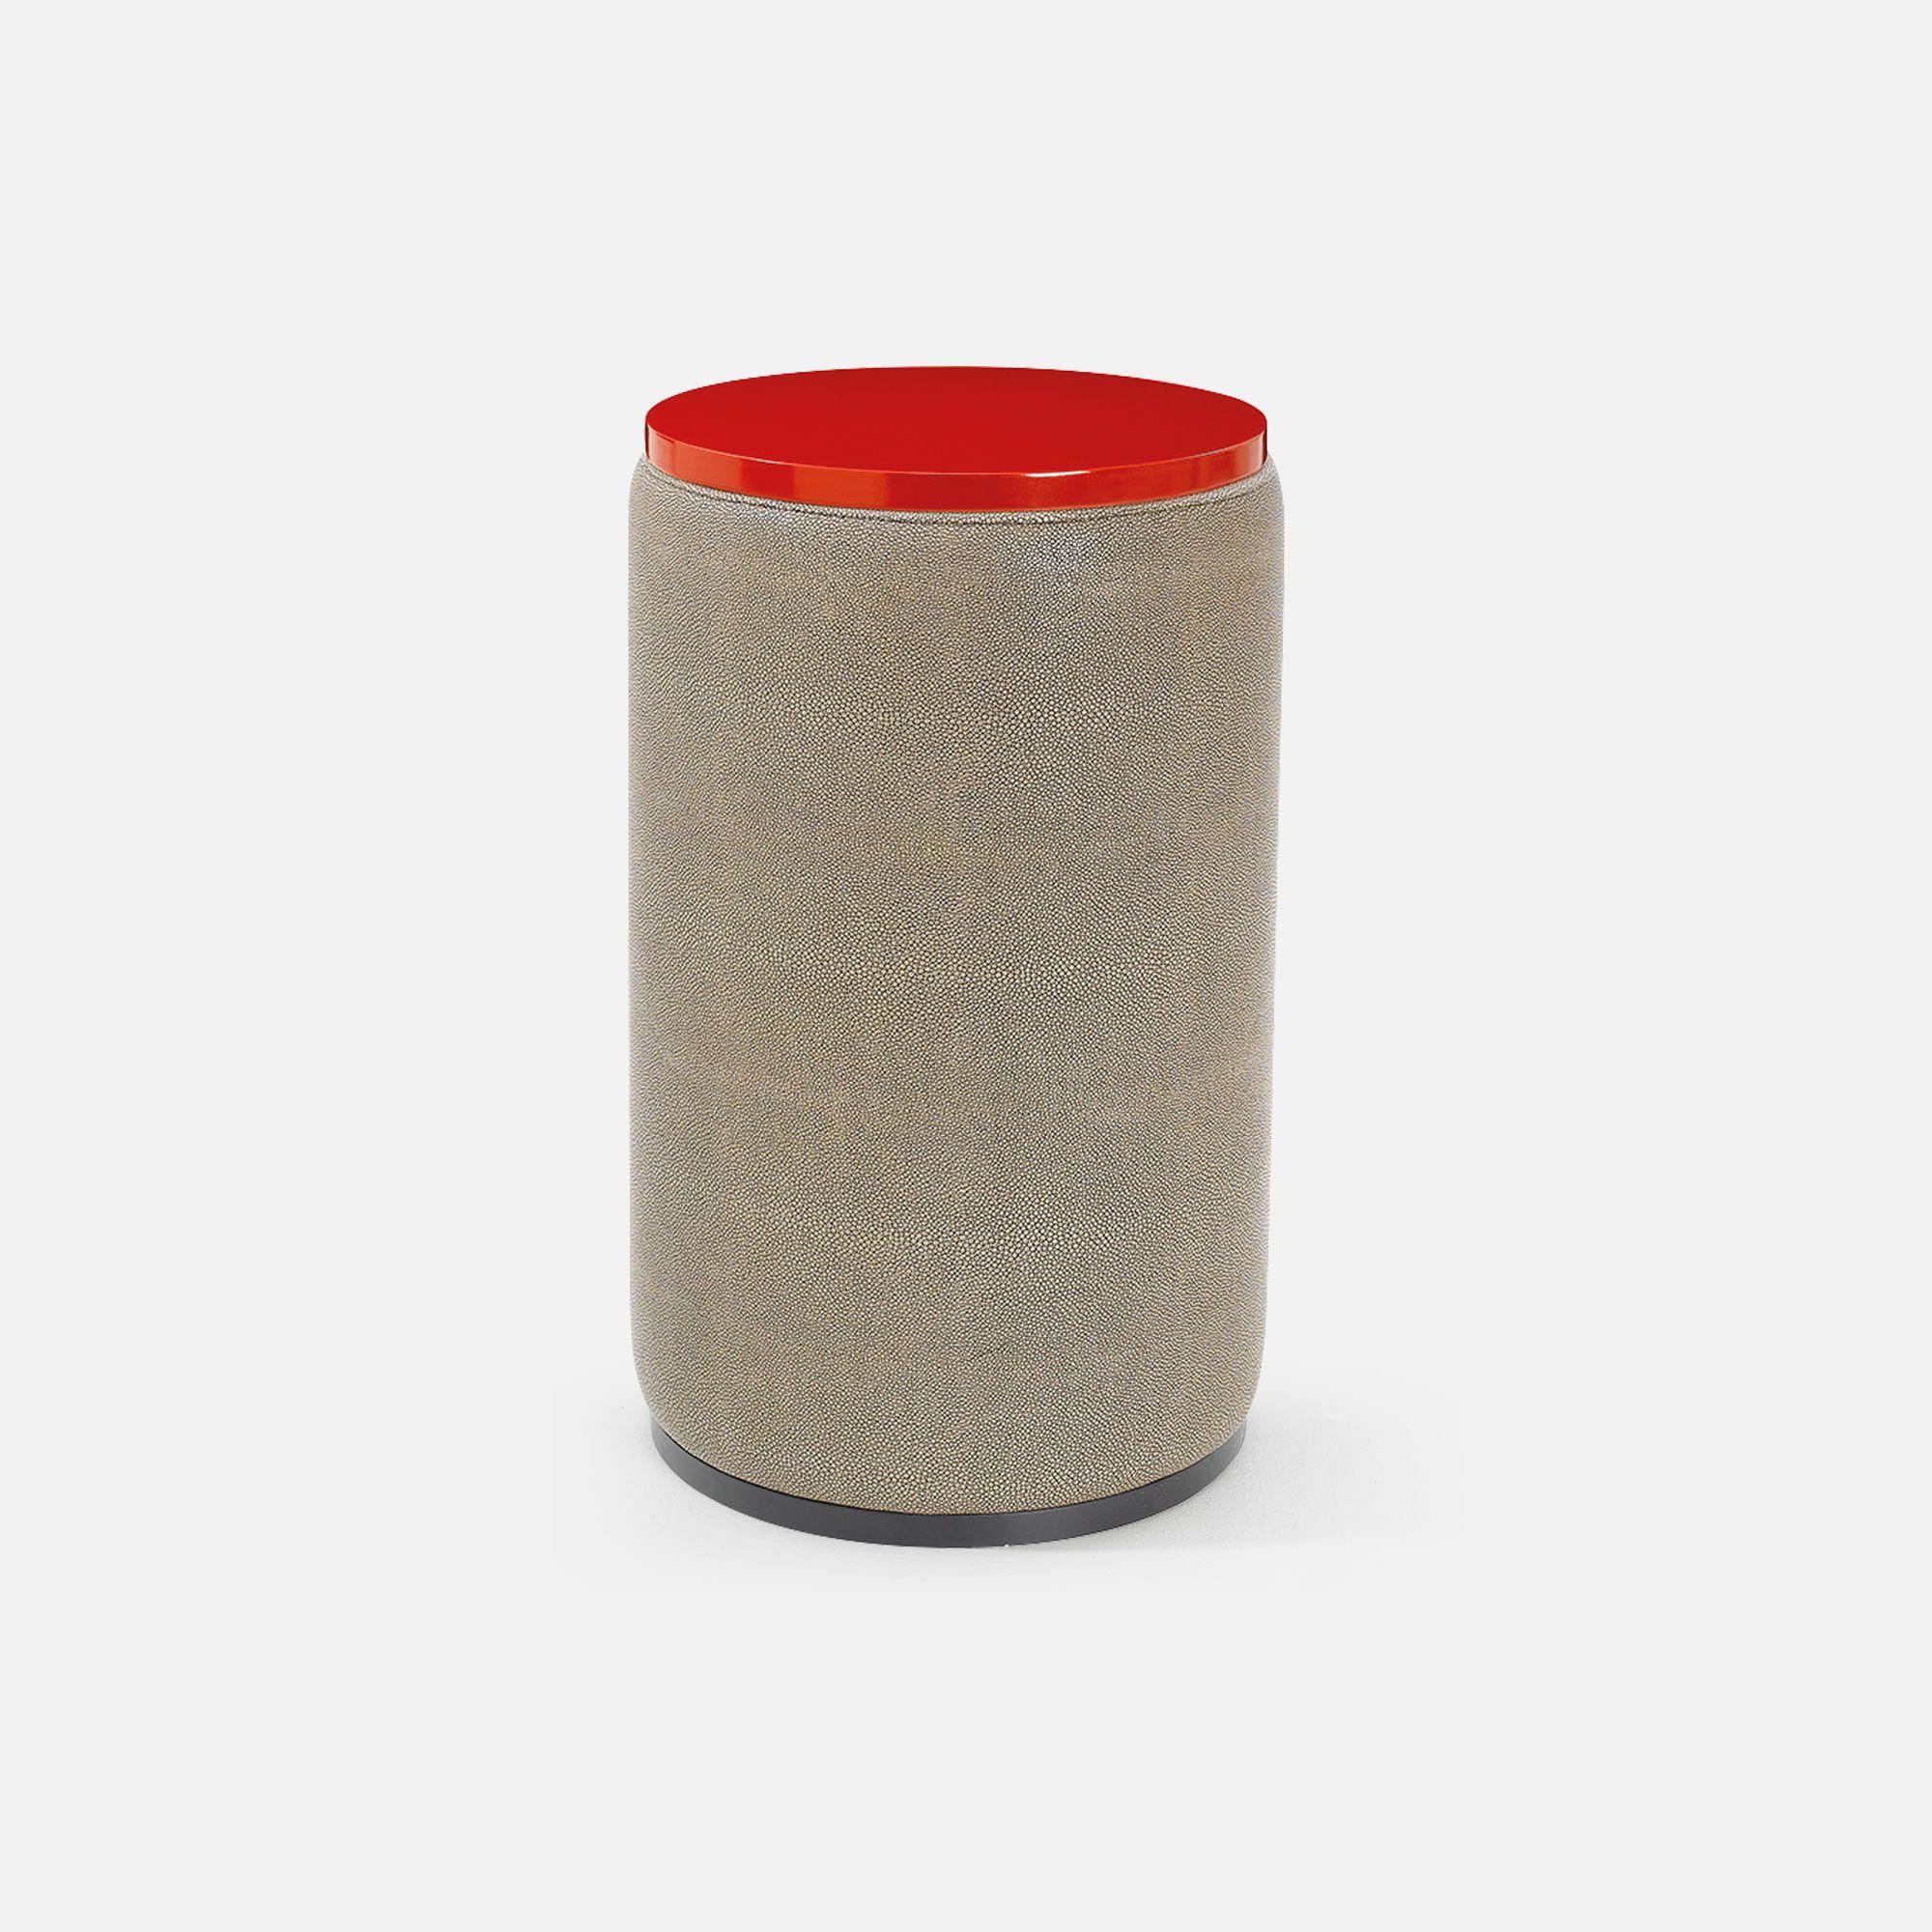 basse CHRCollinet pour colorée Cylindre Table uTF5K1Jc3l